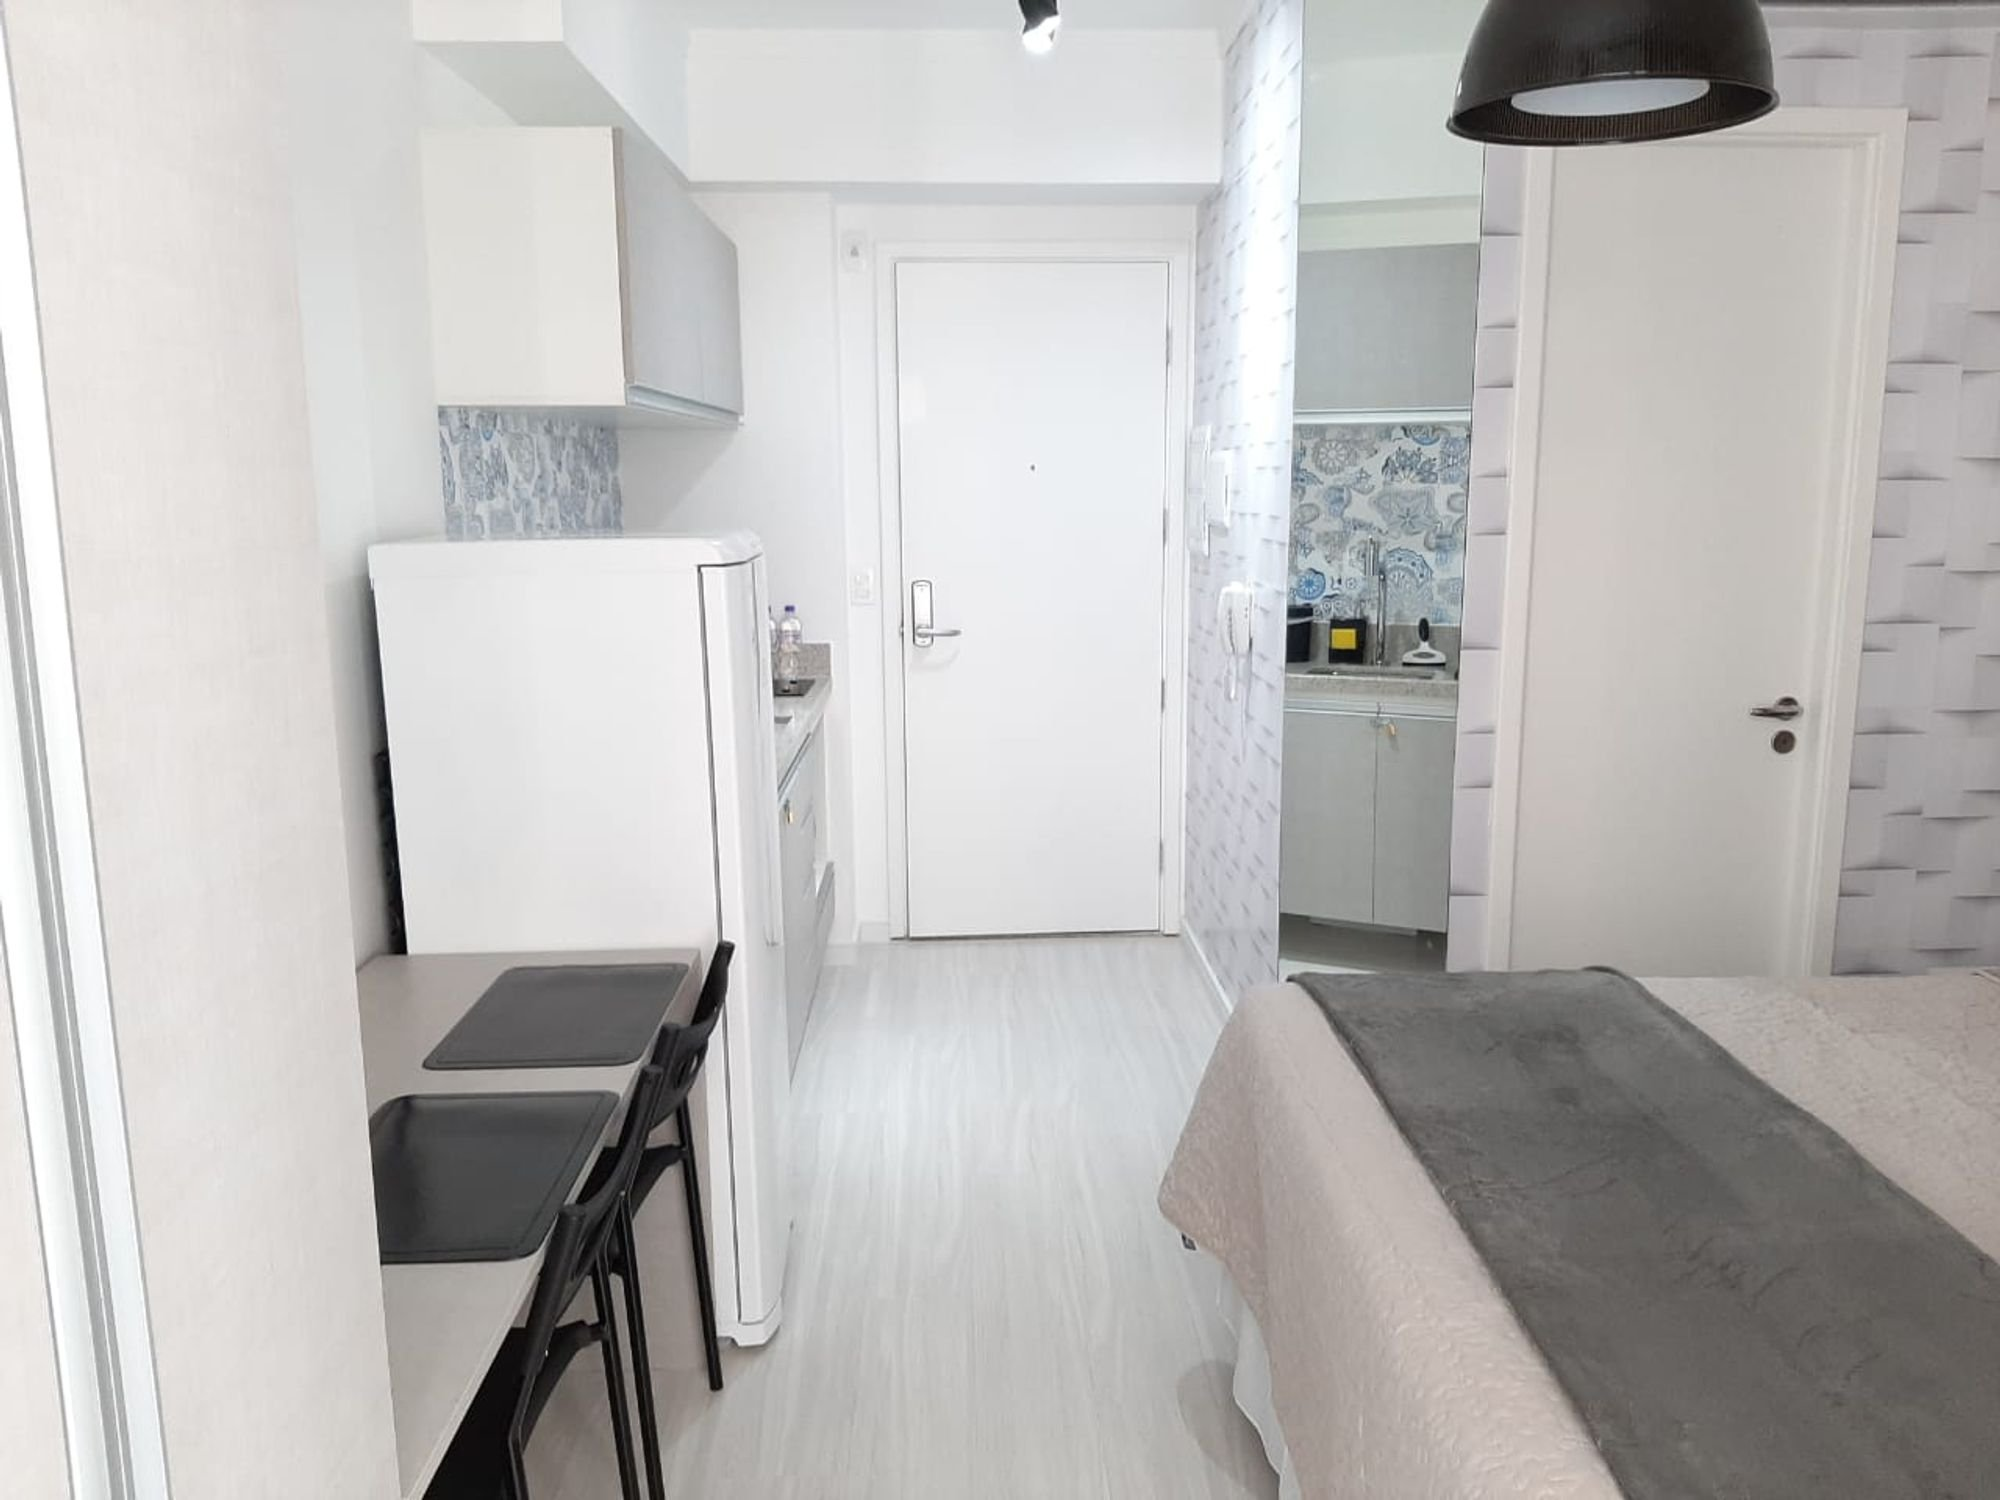 Foto de Sala com geladeira, cadeira